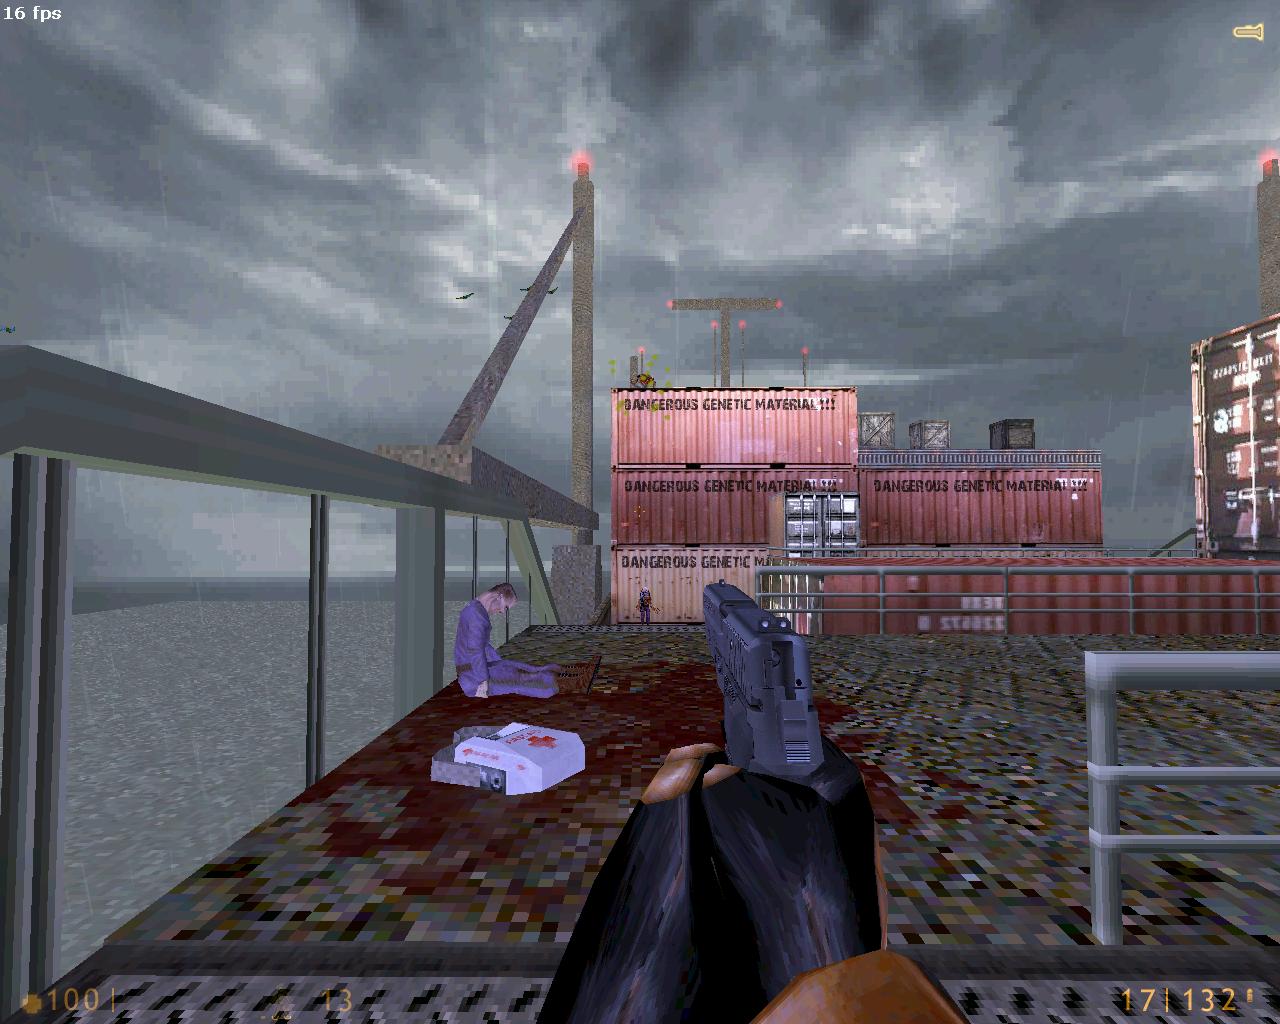 pcsm5d0031.png - Half-Life